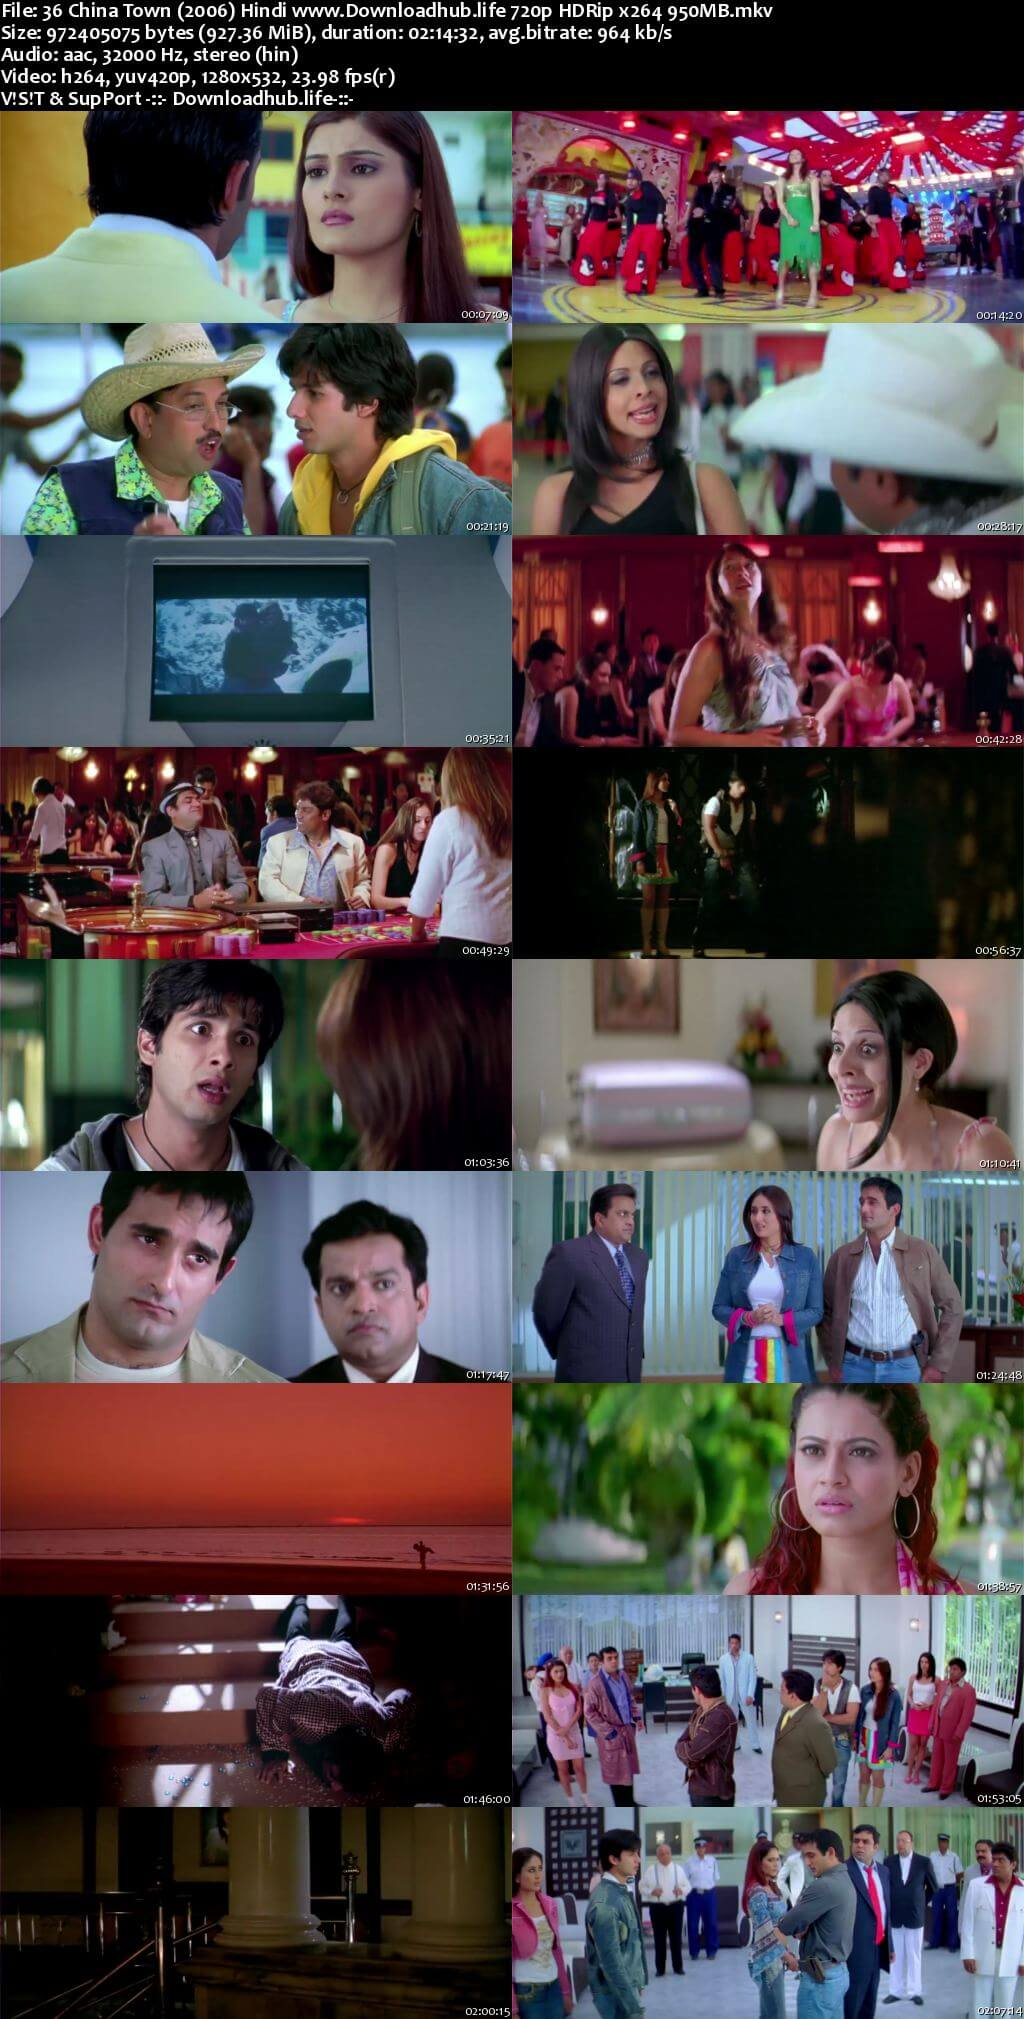 36 China Town 2006 Hindi 720p HDRip x264